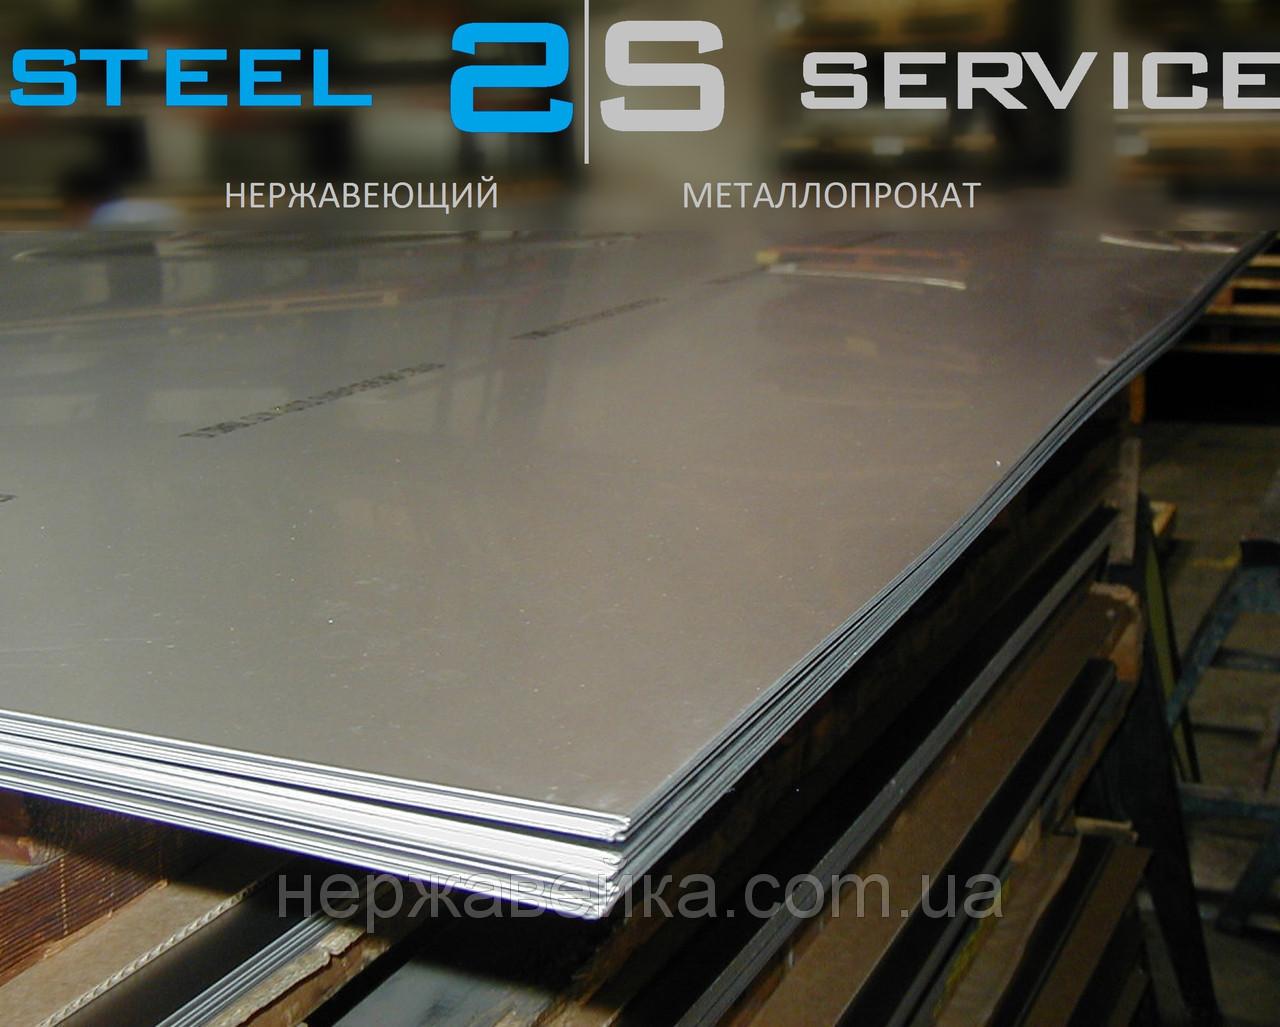 Нержавіючий лист 0,8х1500х3000мм AISI 430(12Х17) 4N - шліфований, технічний